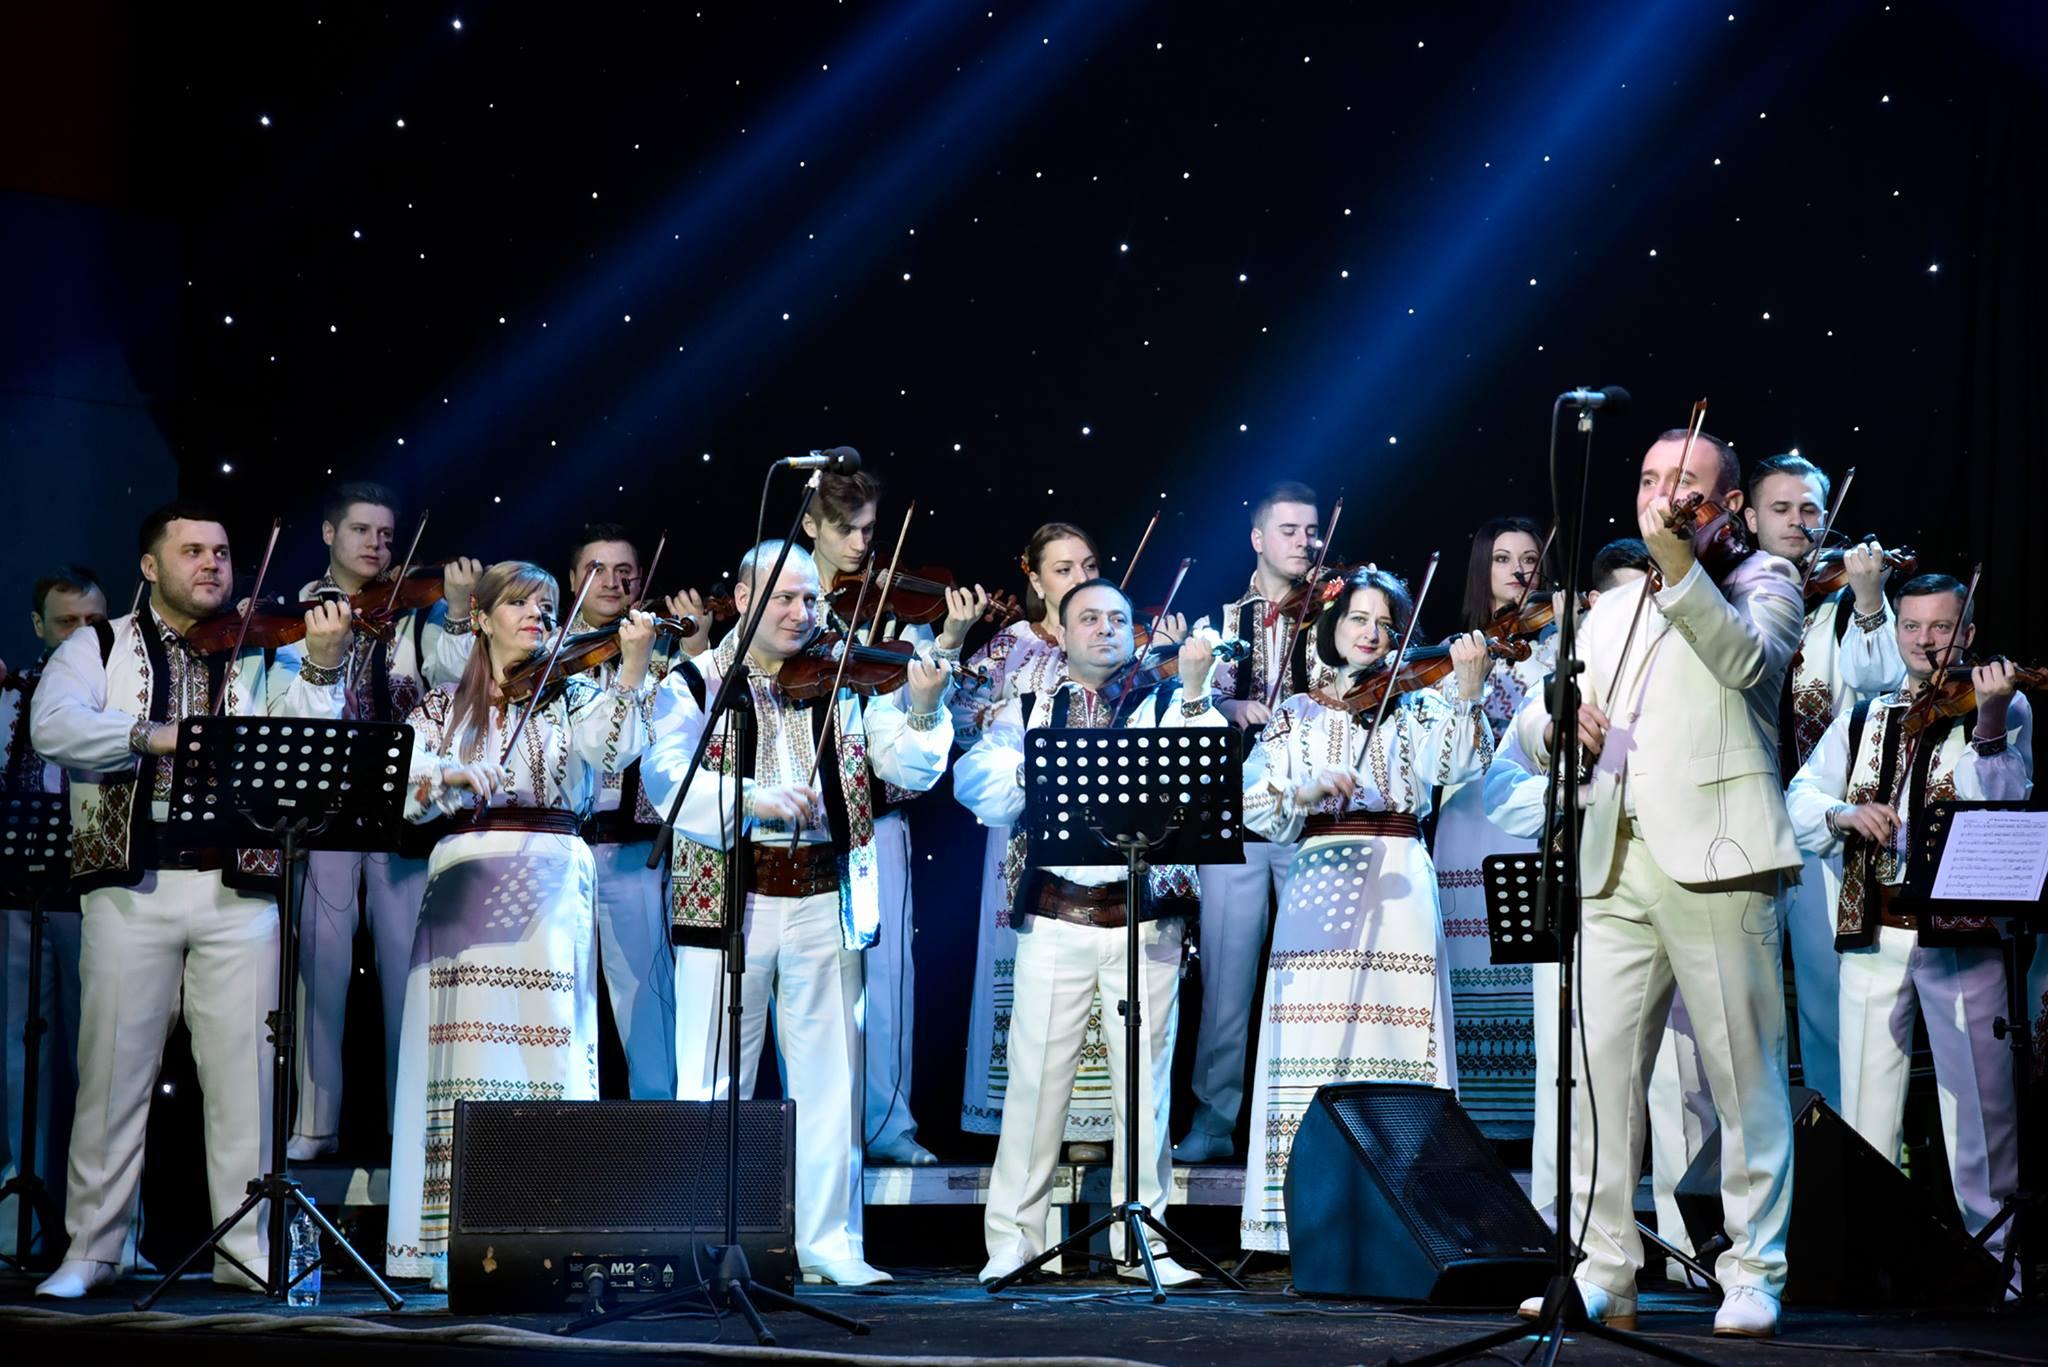 Frații Advahov au susținut un concert excepțional în Serbia sub privirile multor celebrități internationale |Foto